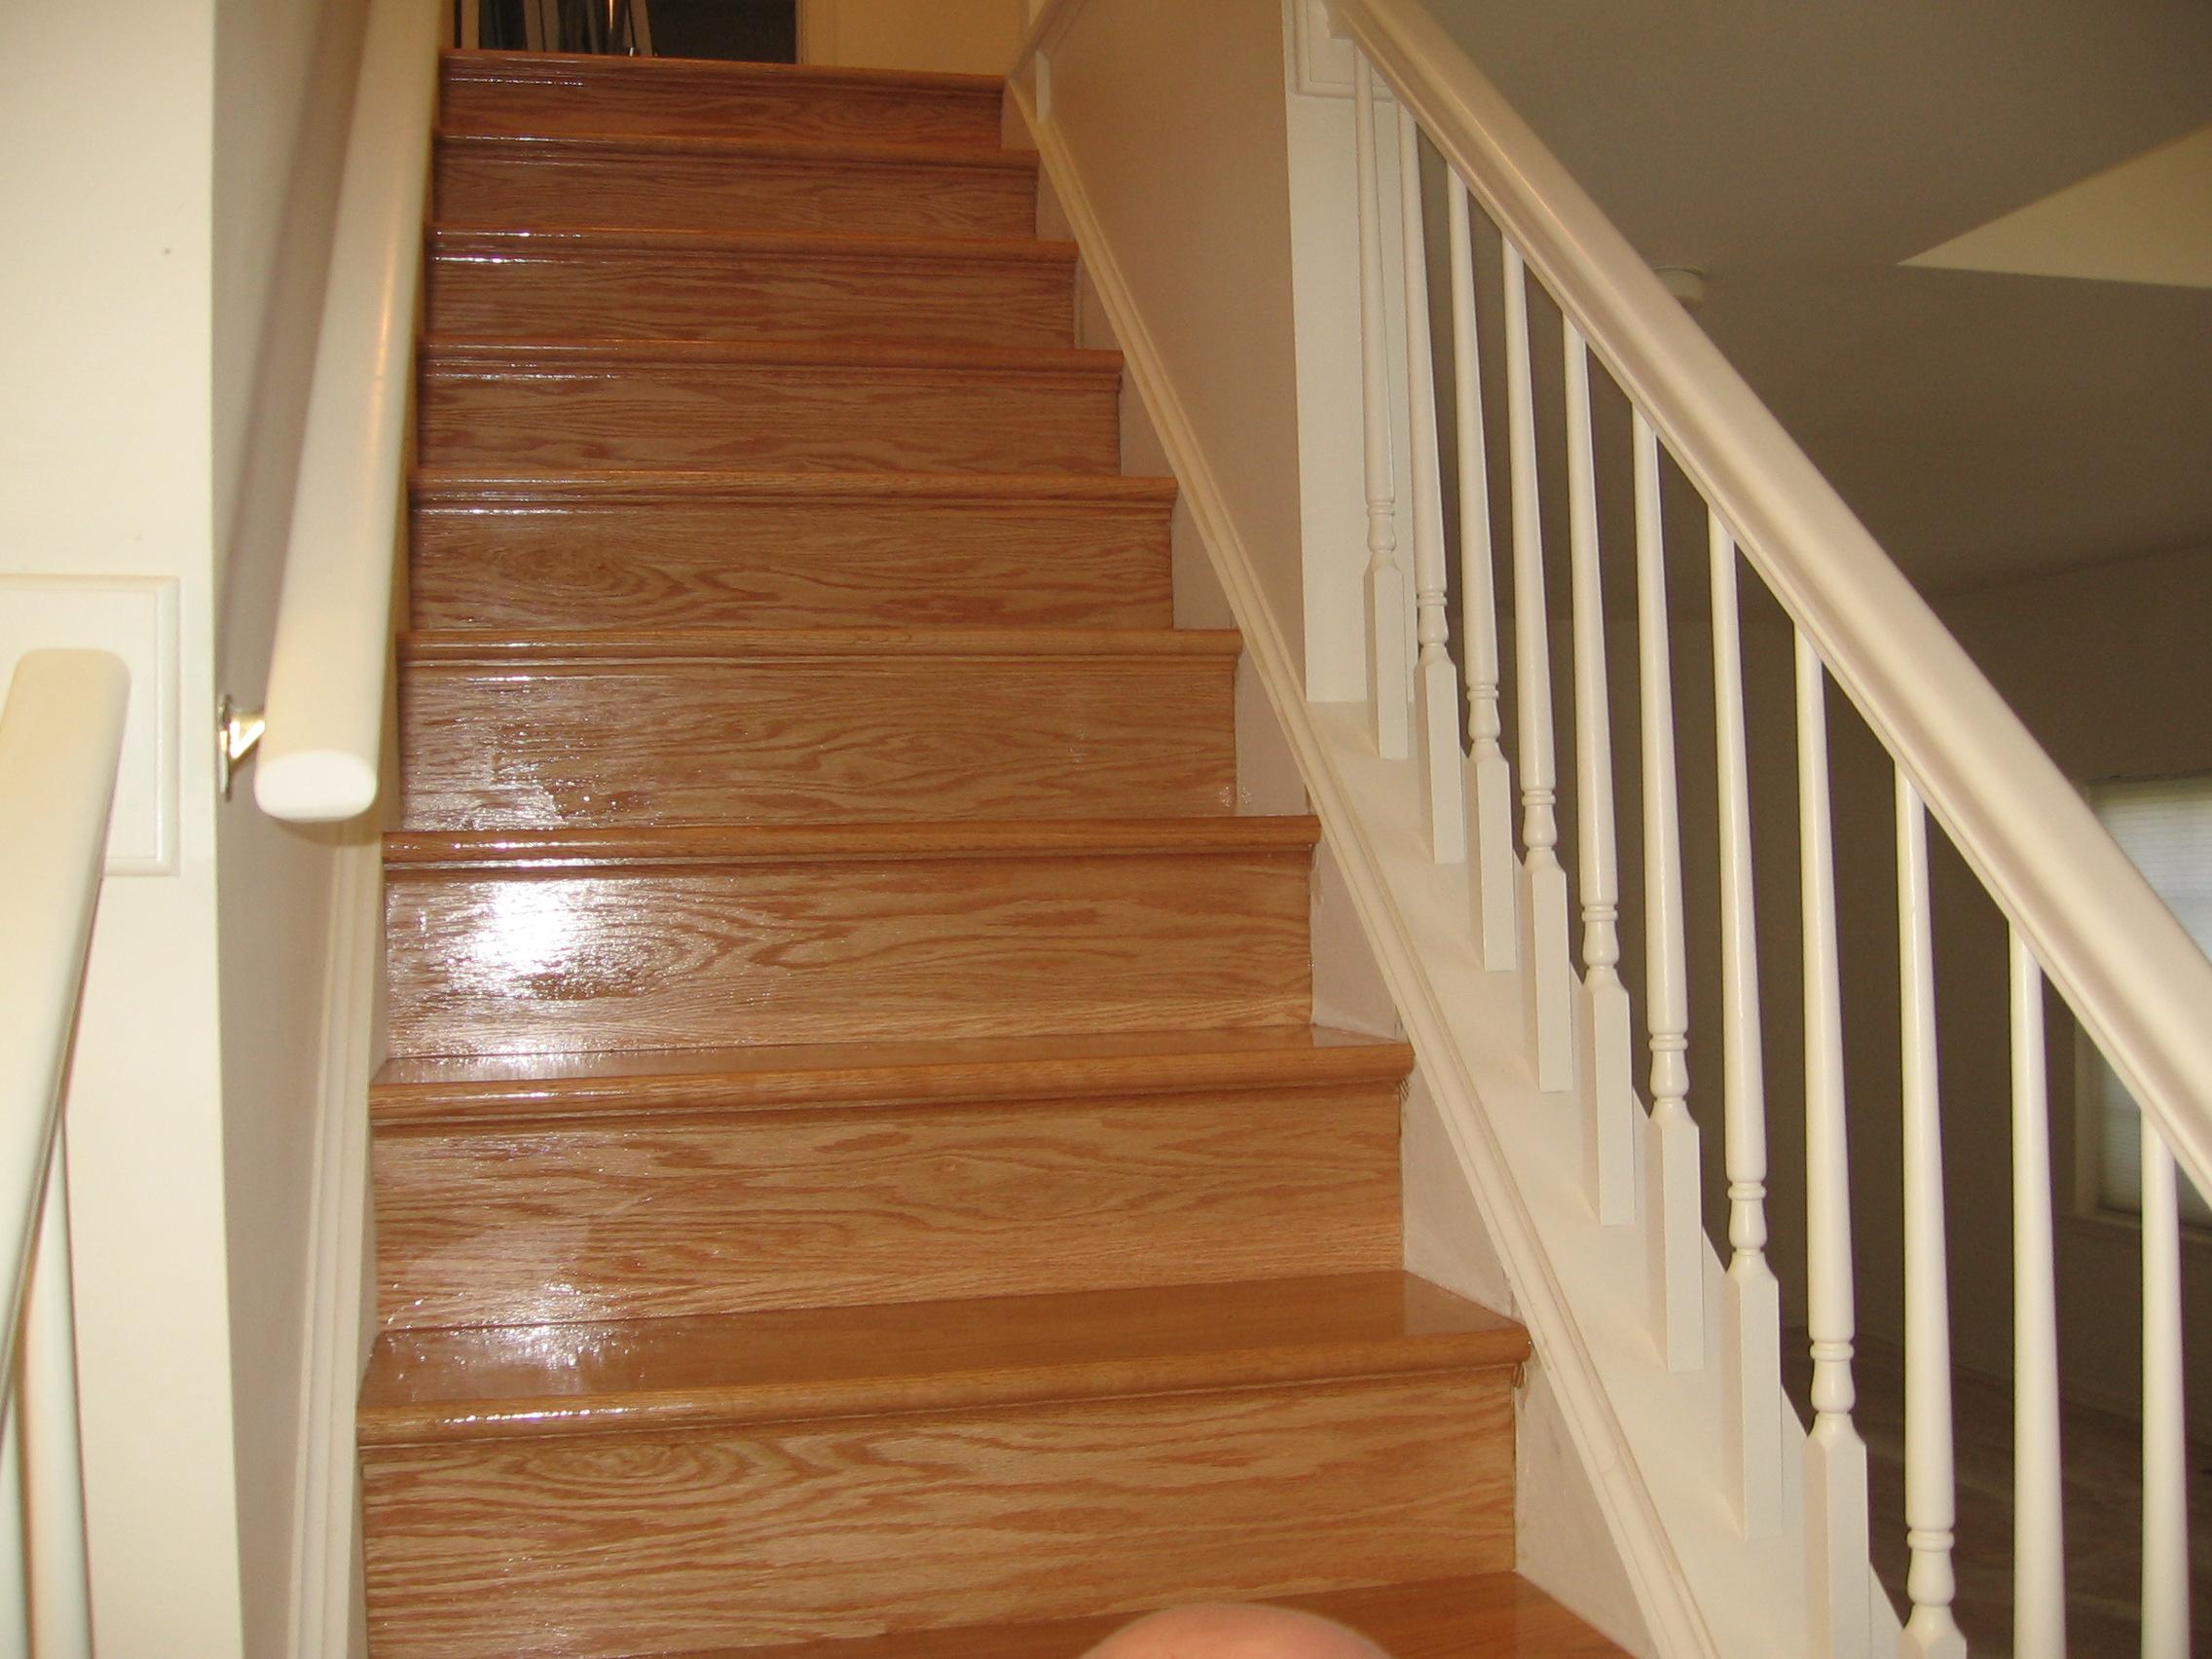 Dustless Refinishing Hardwood Floors In